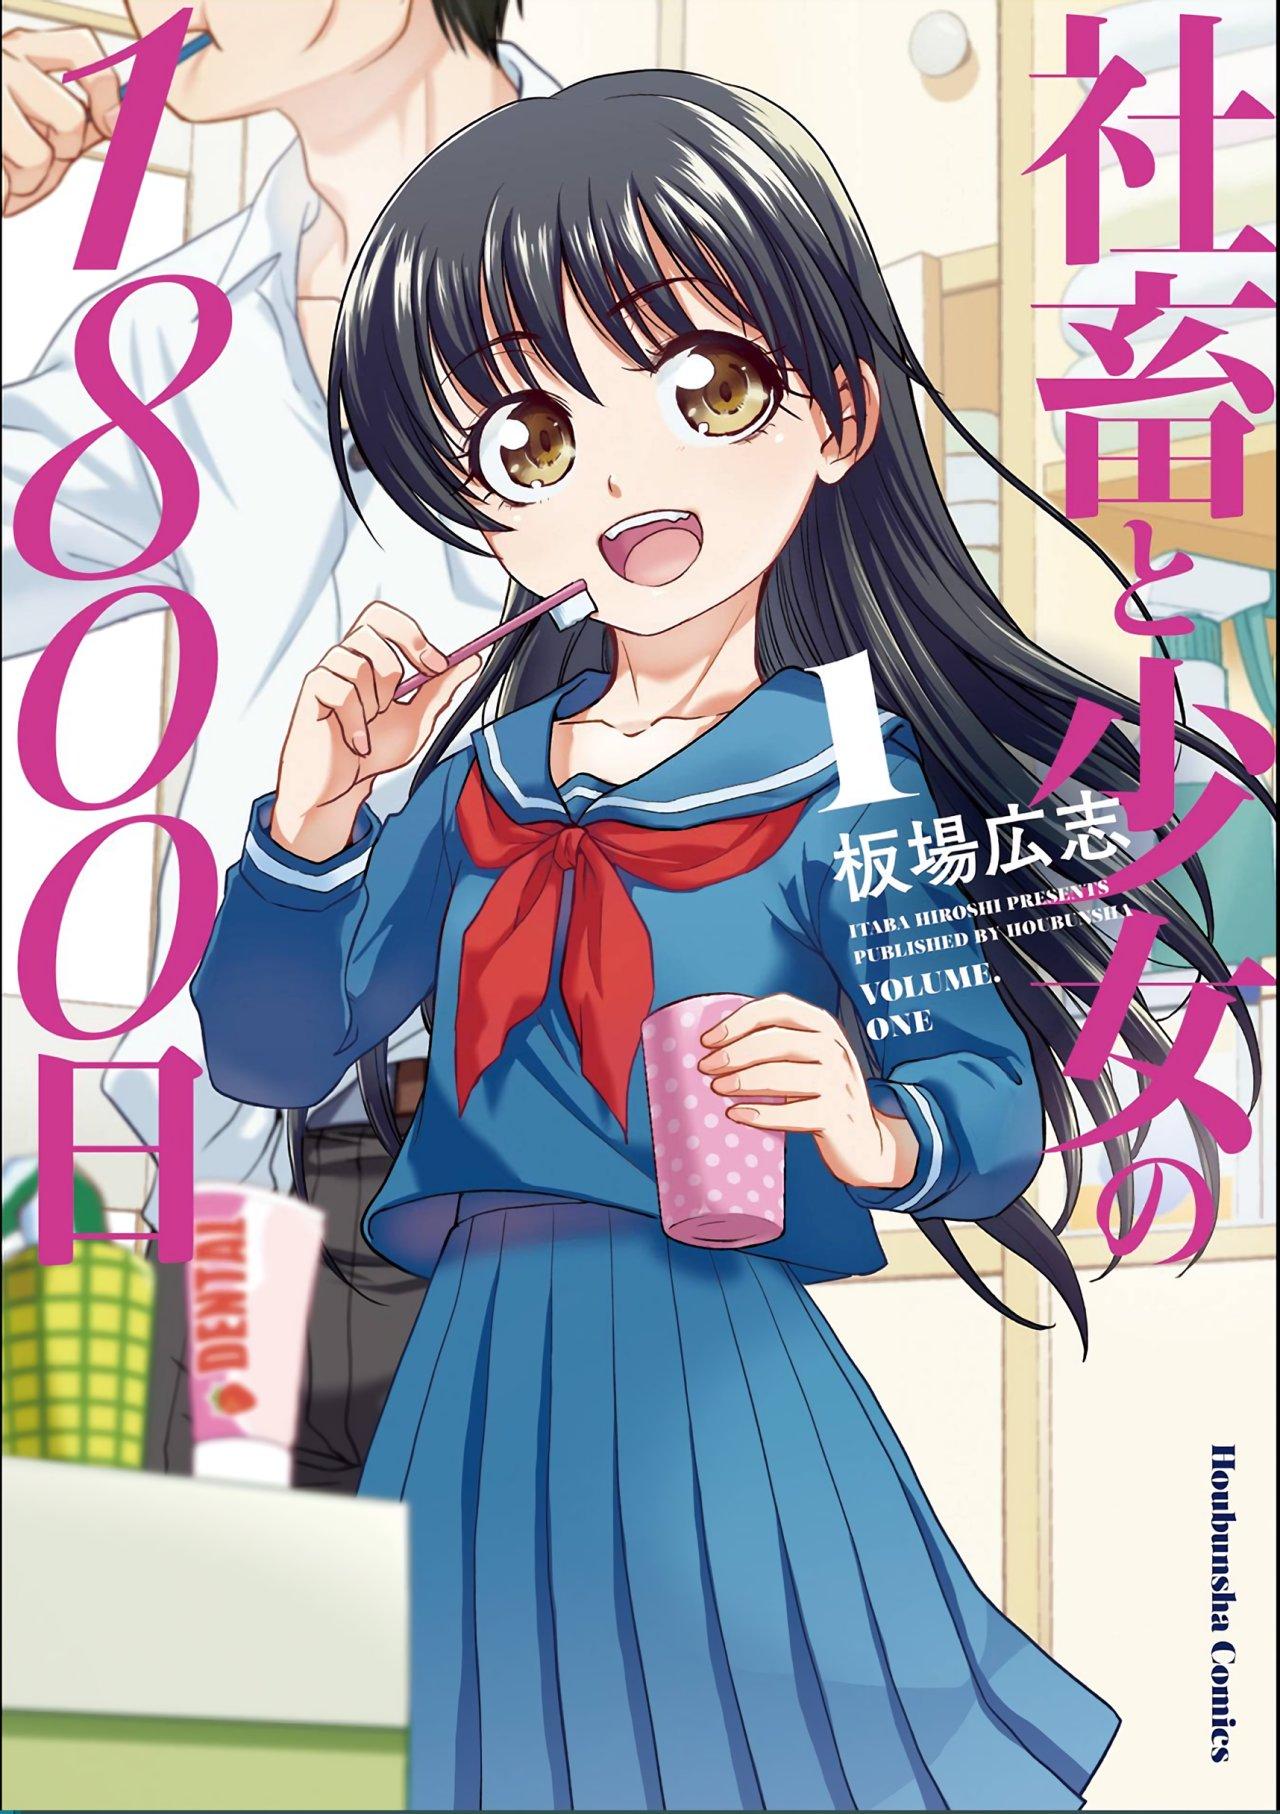 https://nine.mangadogs.com/es_manga/pic8/48/36656/946258/b0f47015b6ace4492dd96d63e515e779.jpg Page 1